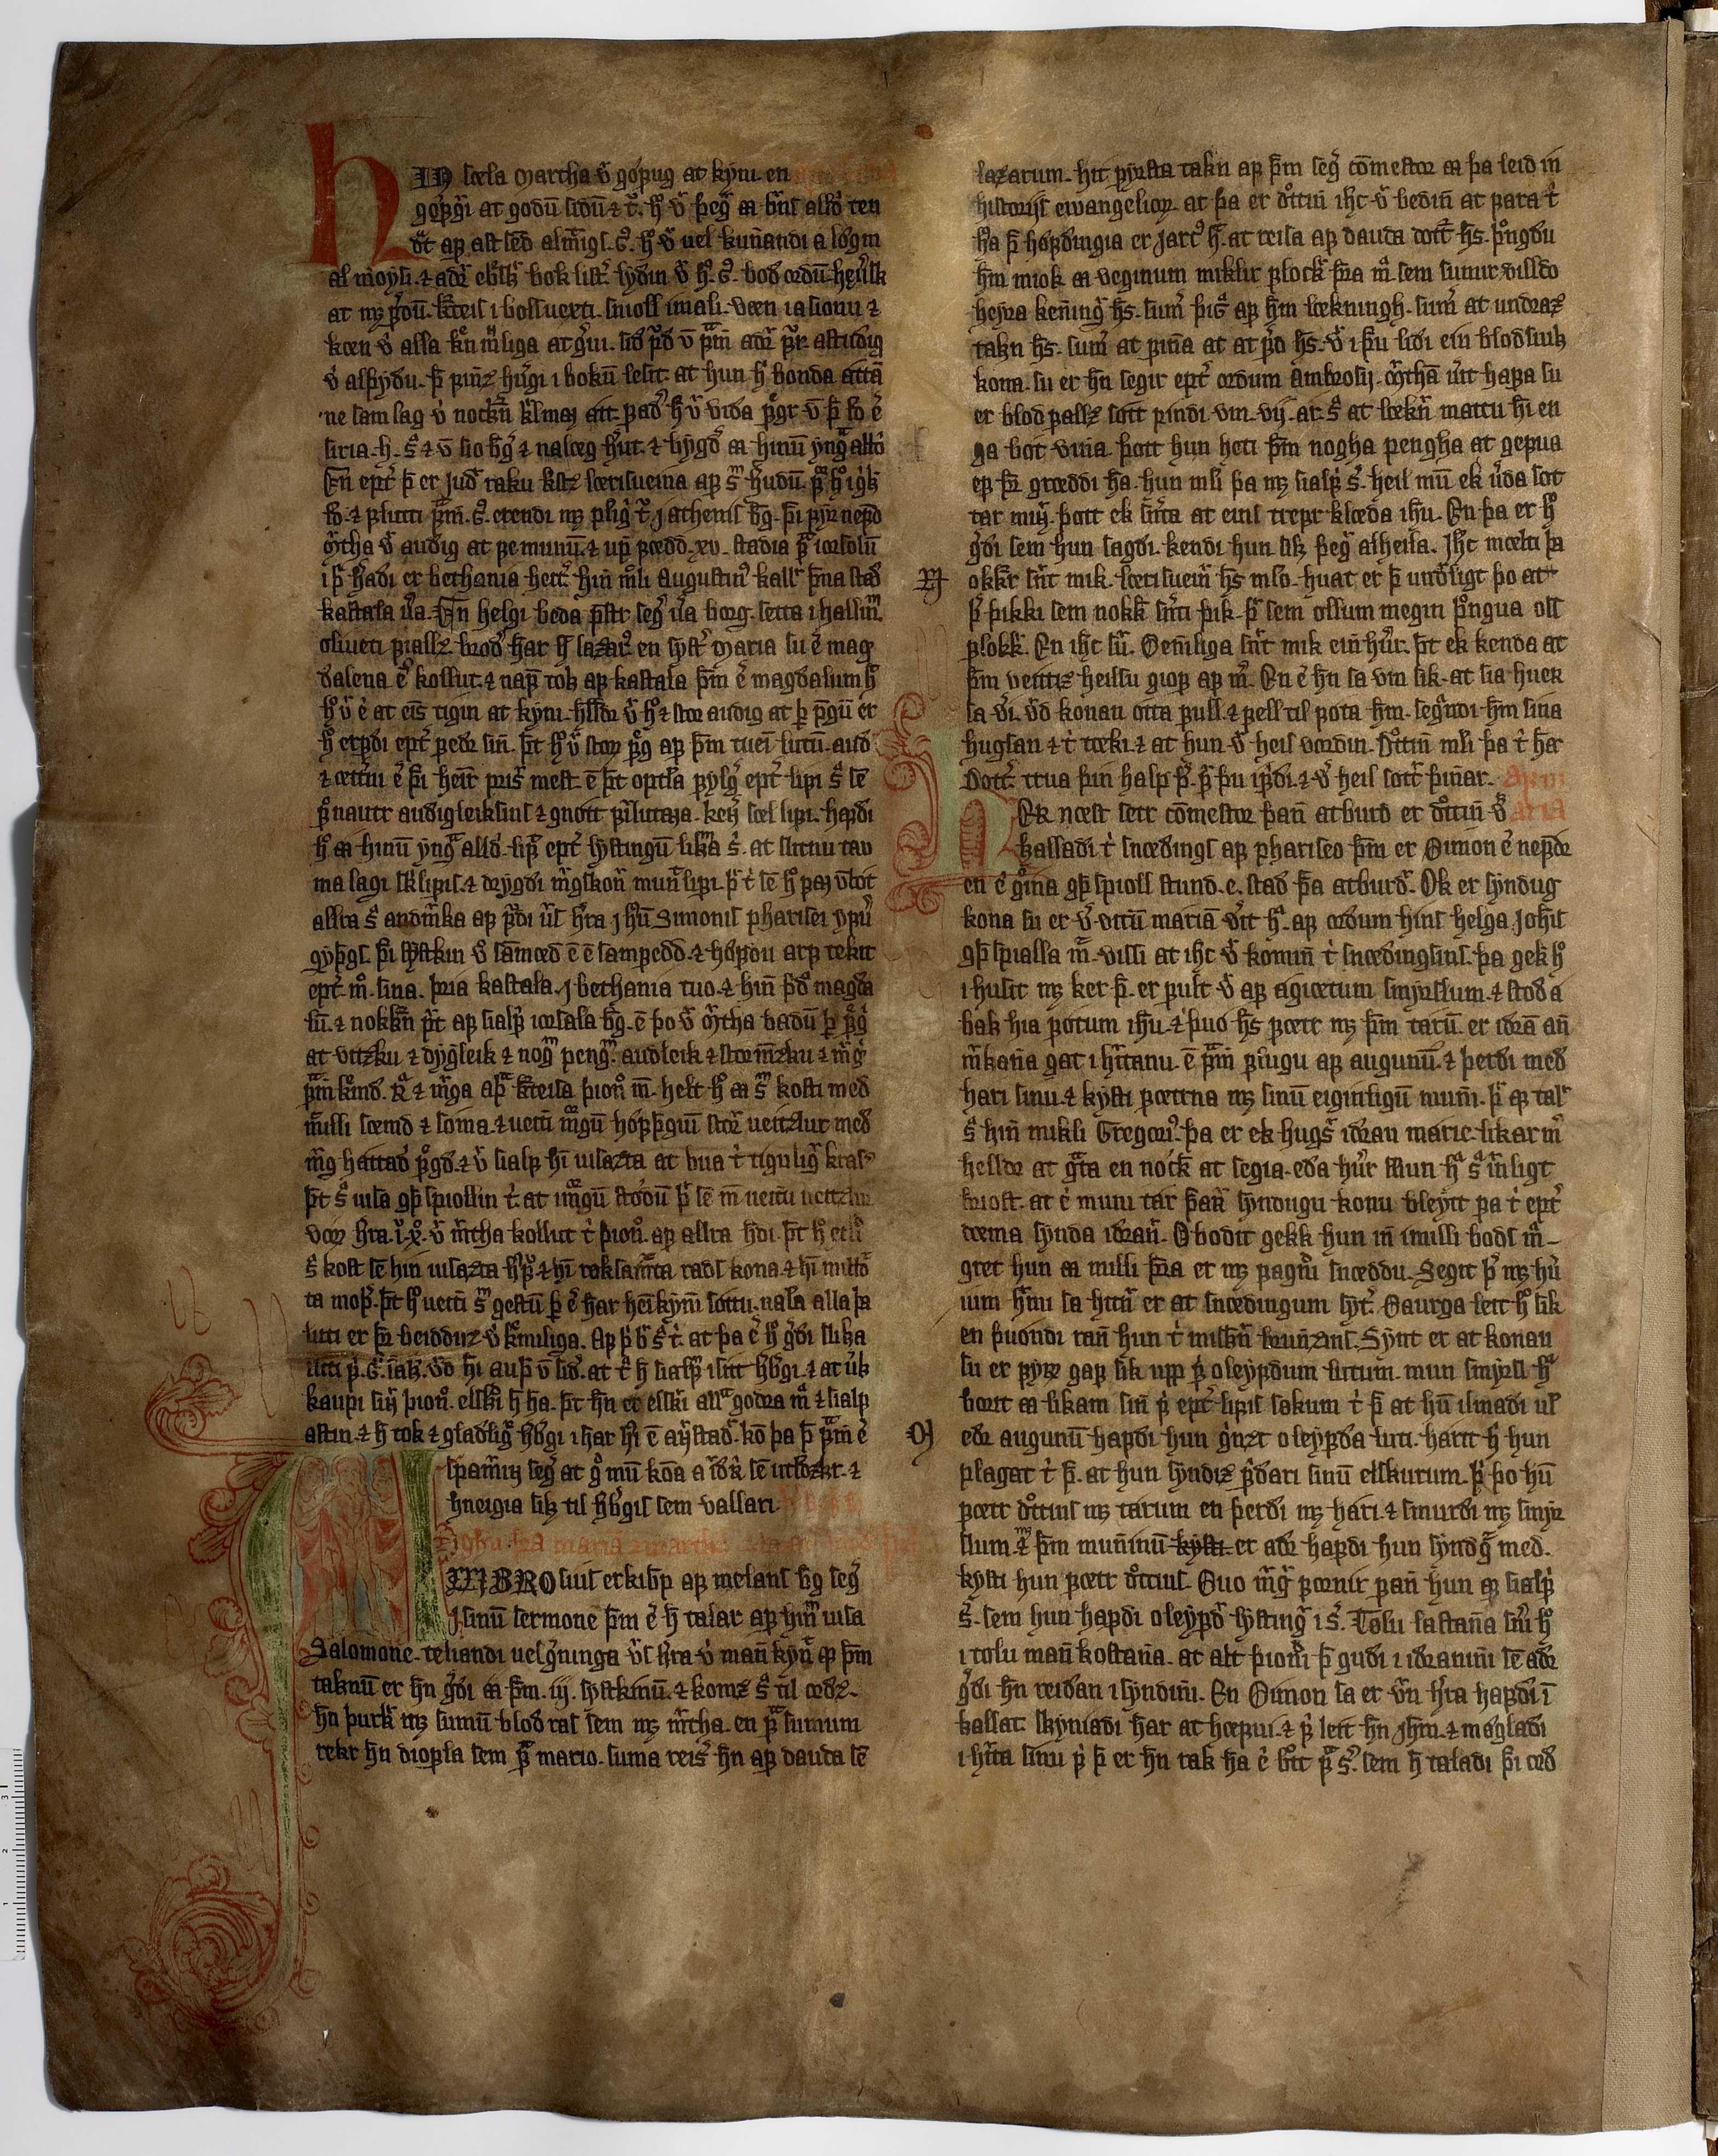 AM 233 a fol - 19v